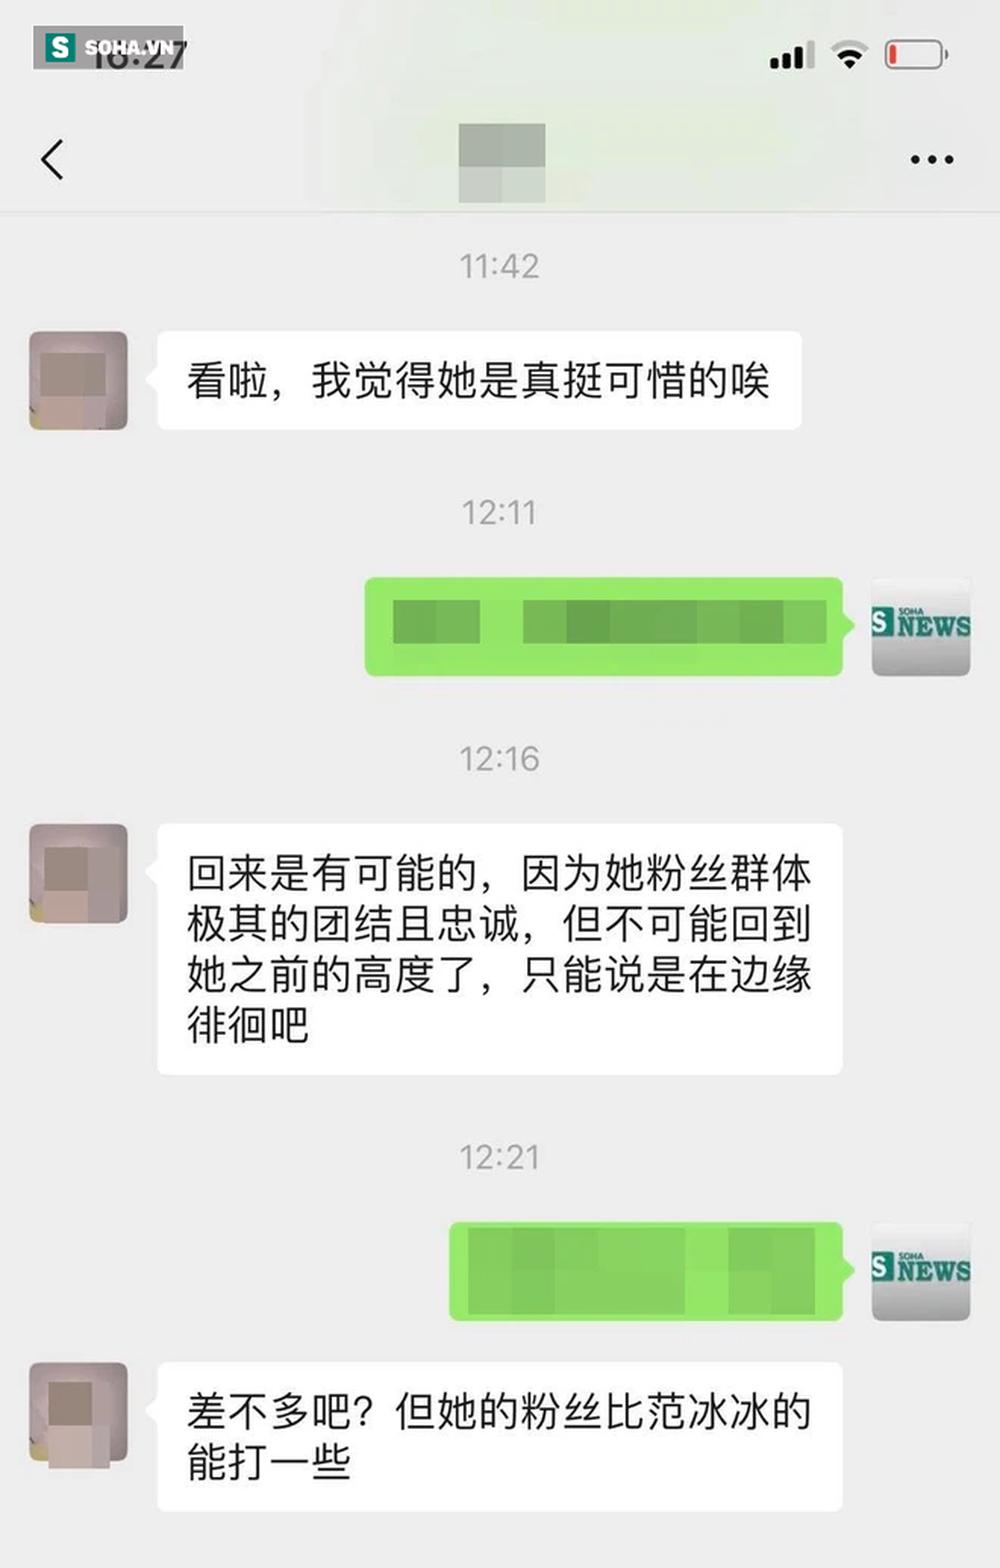 Độc quyền từ Trung Quốc: Trịnh Sảng kể khổ, cầu xin trở lại showbiz, quản lý nổi tiếng nói về khả năng tái xuất - Ảnh 2.